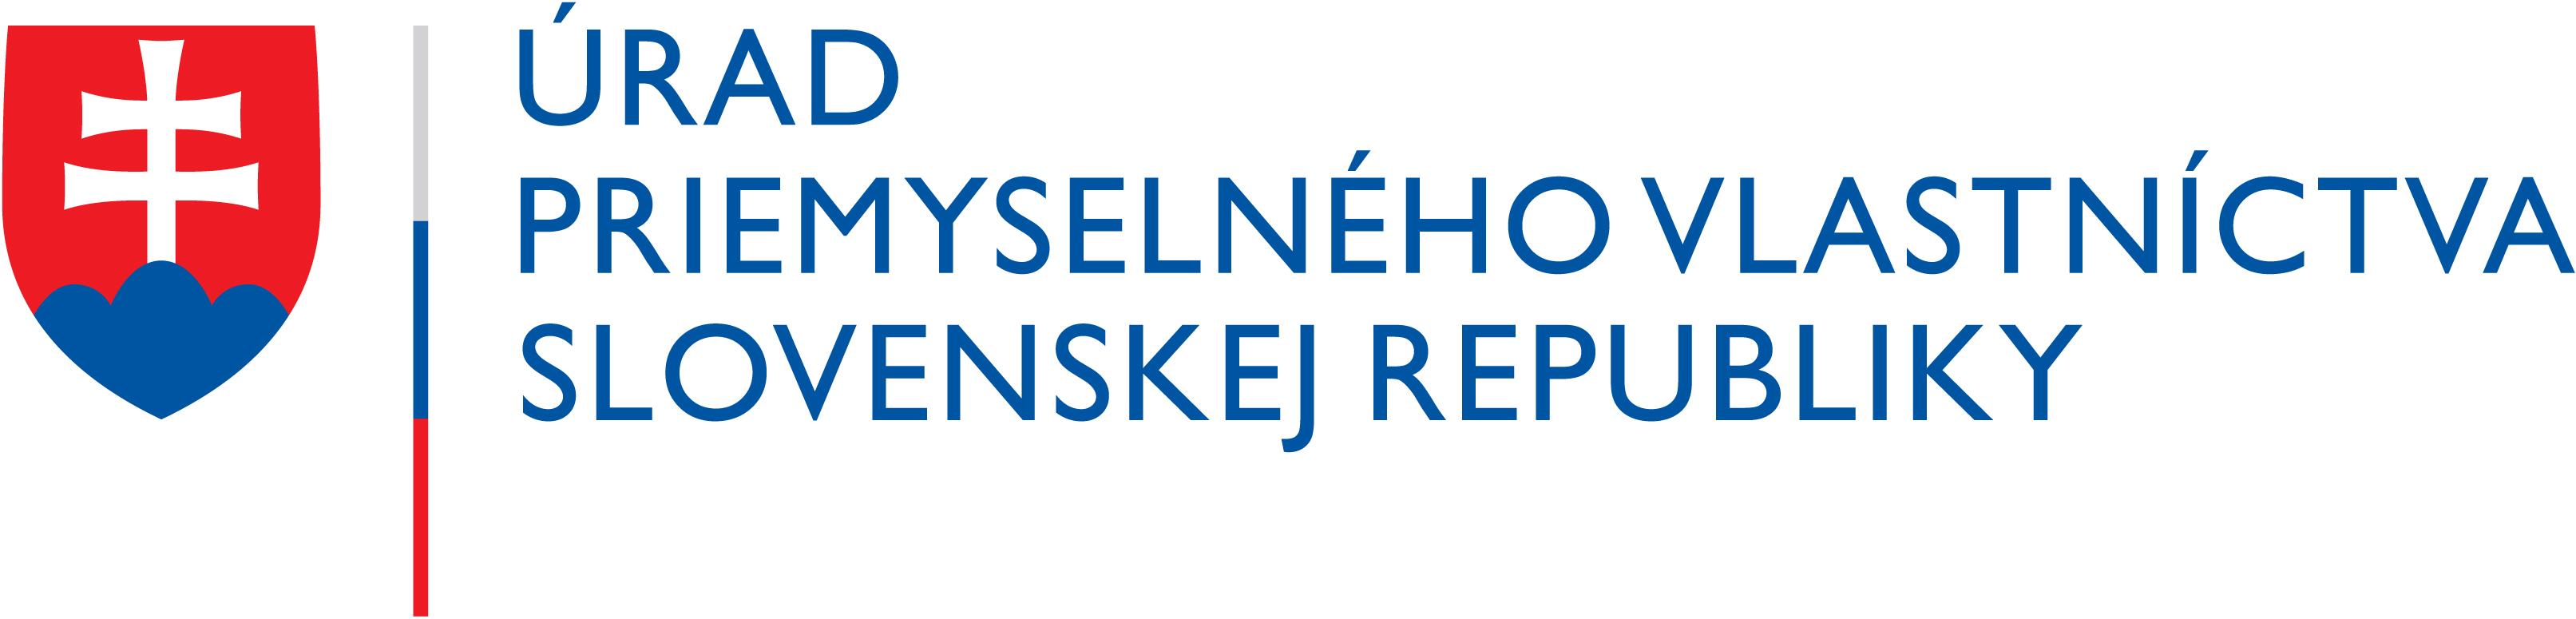 Úrad priemyselného vlastníctva Slovenskej republiky